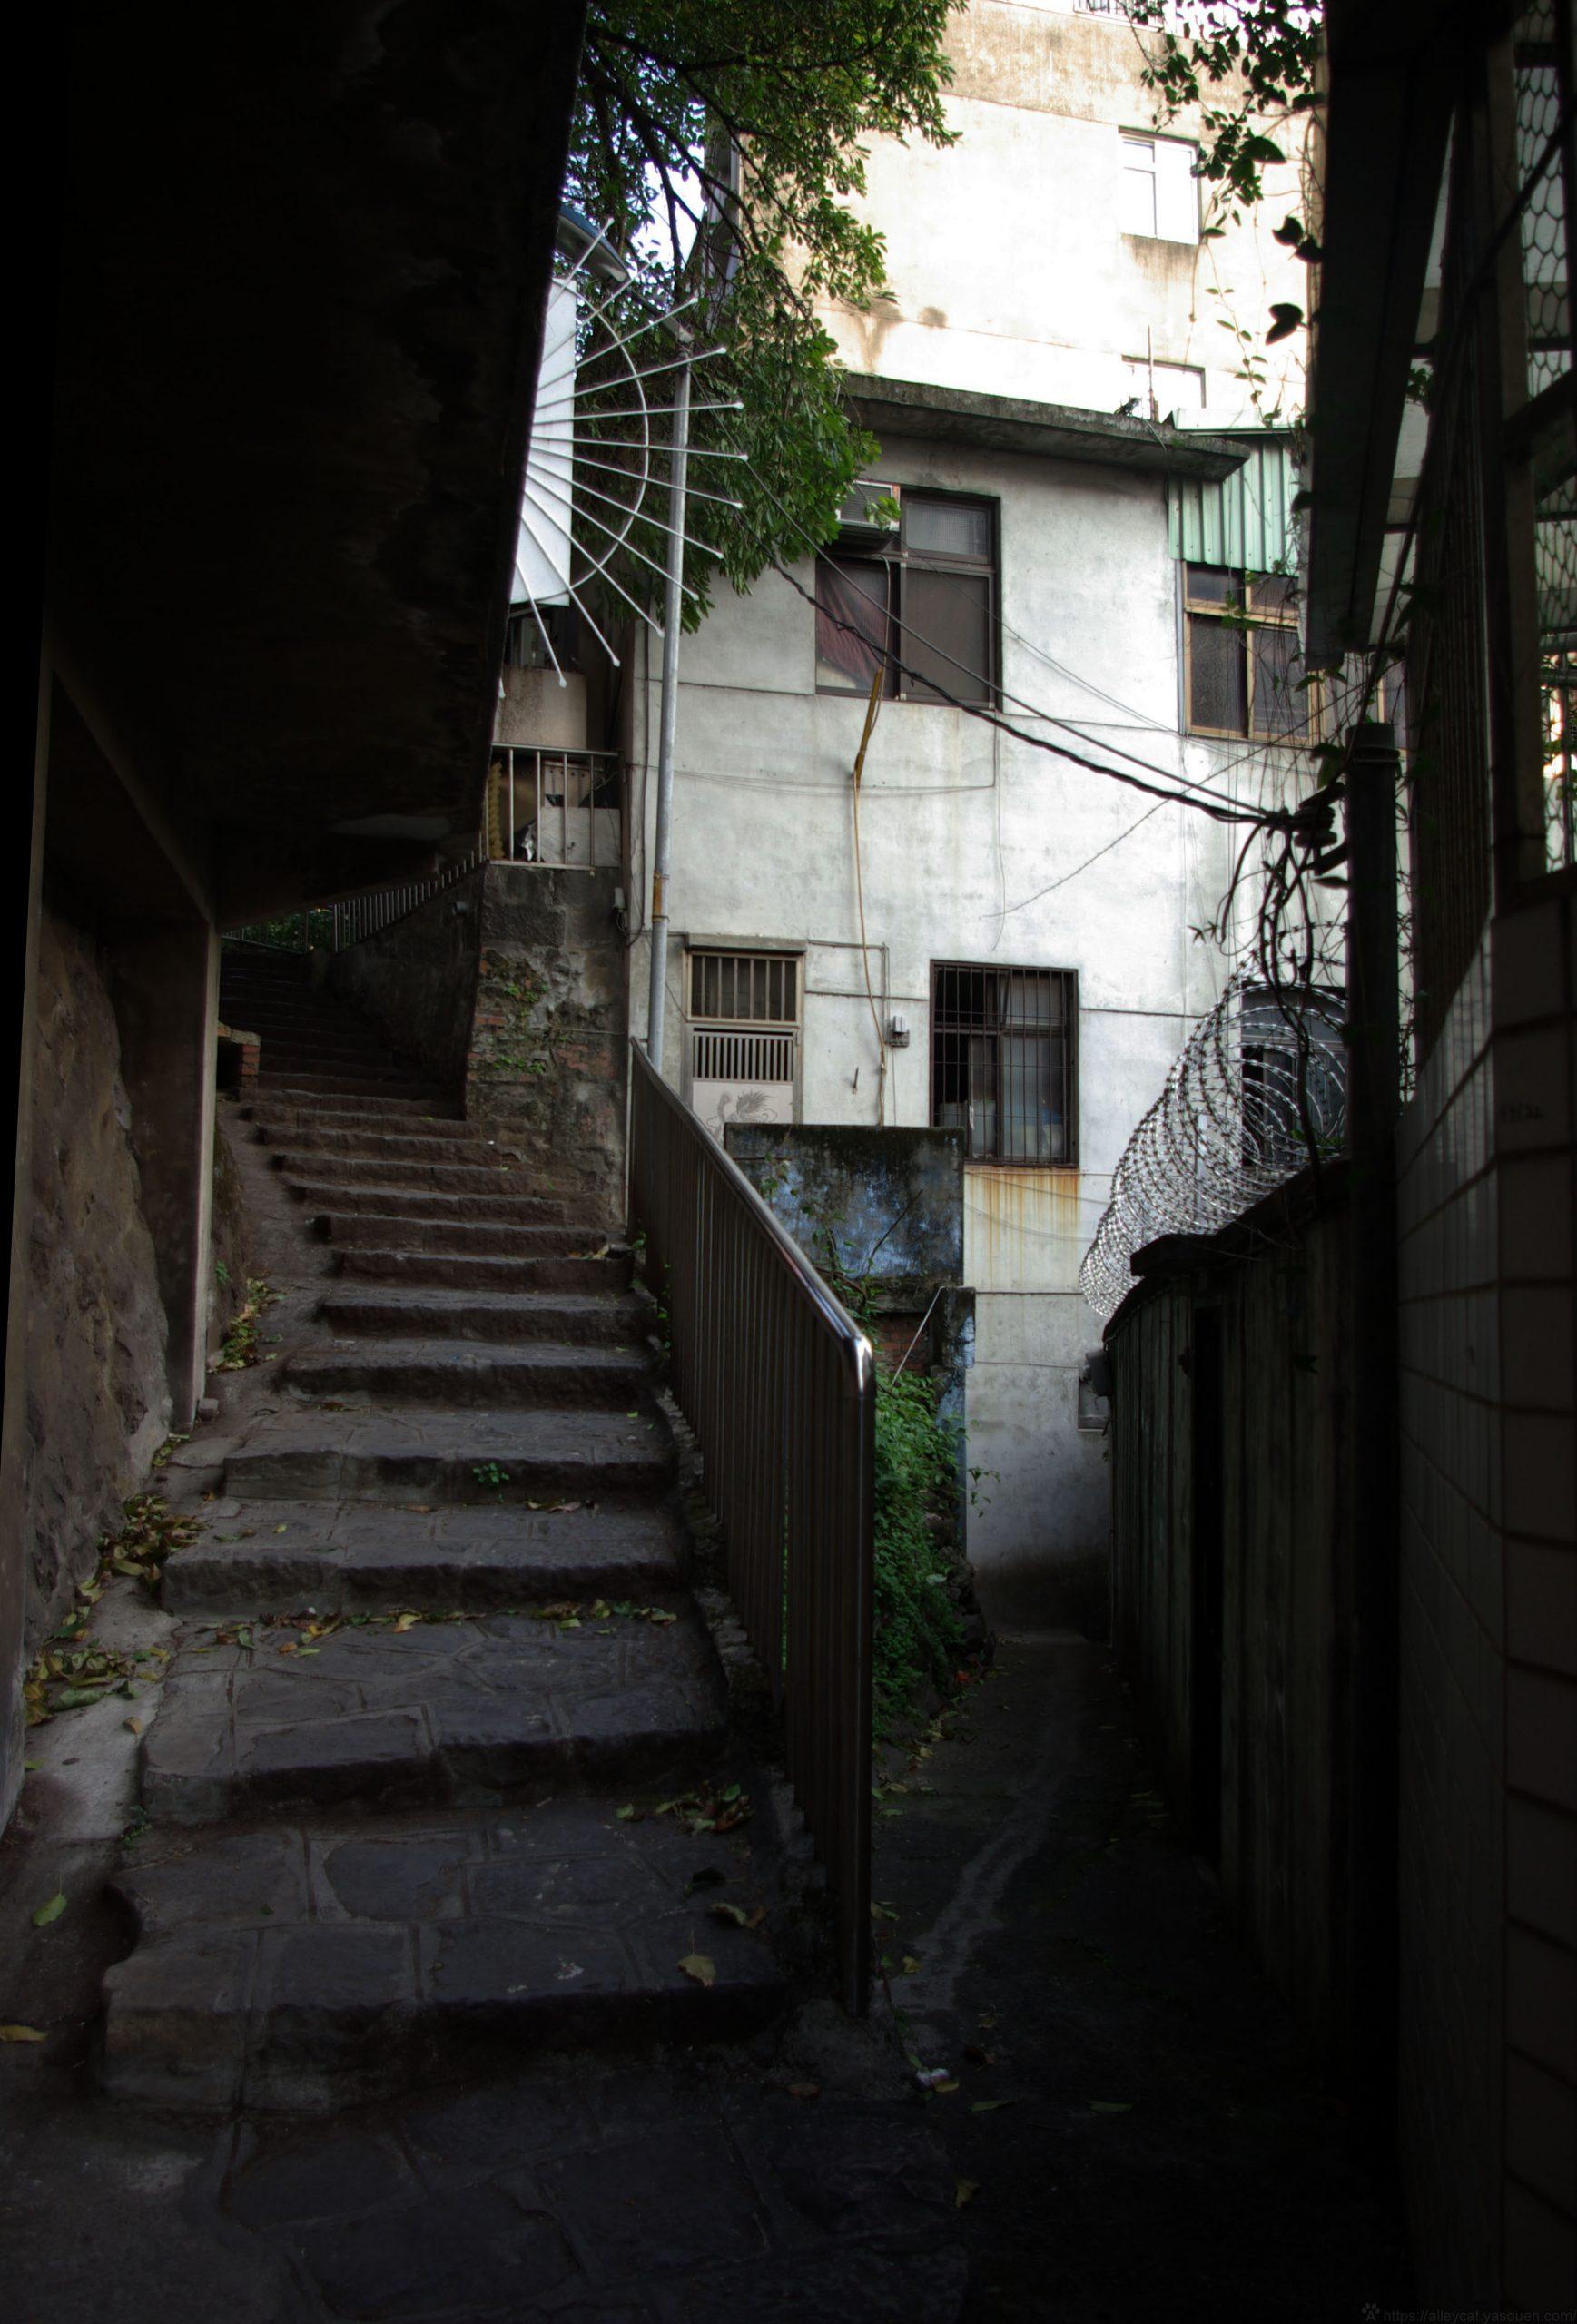 Tamsui, Taiwan, 2013